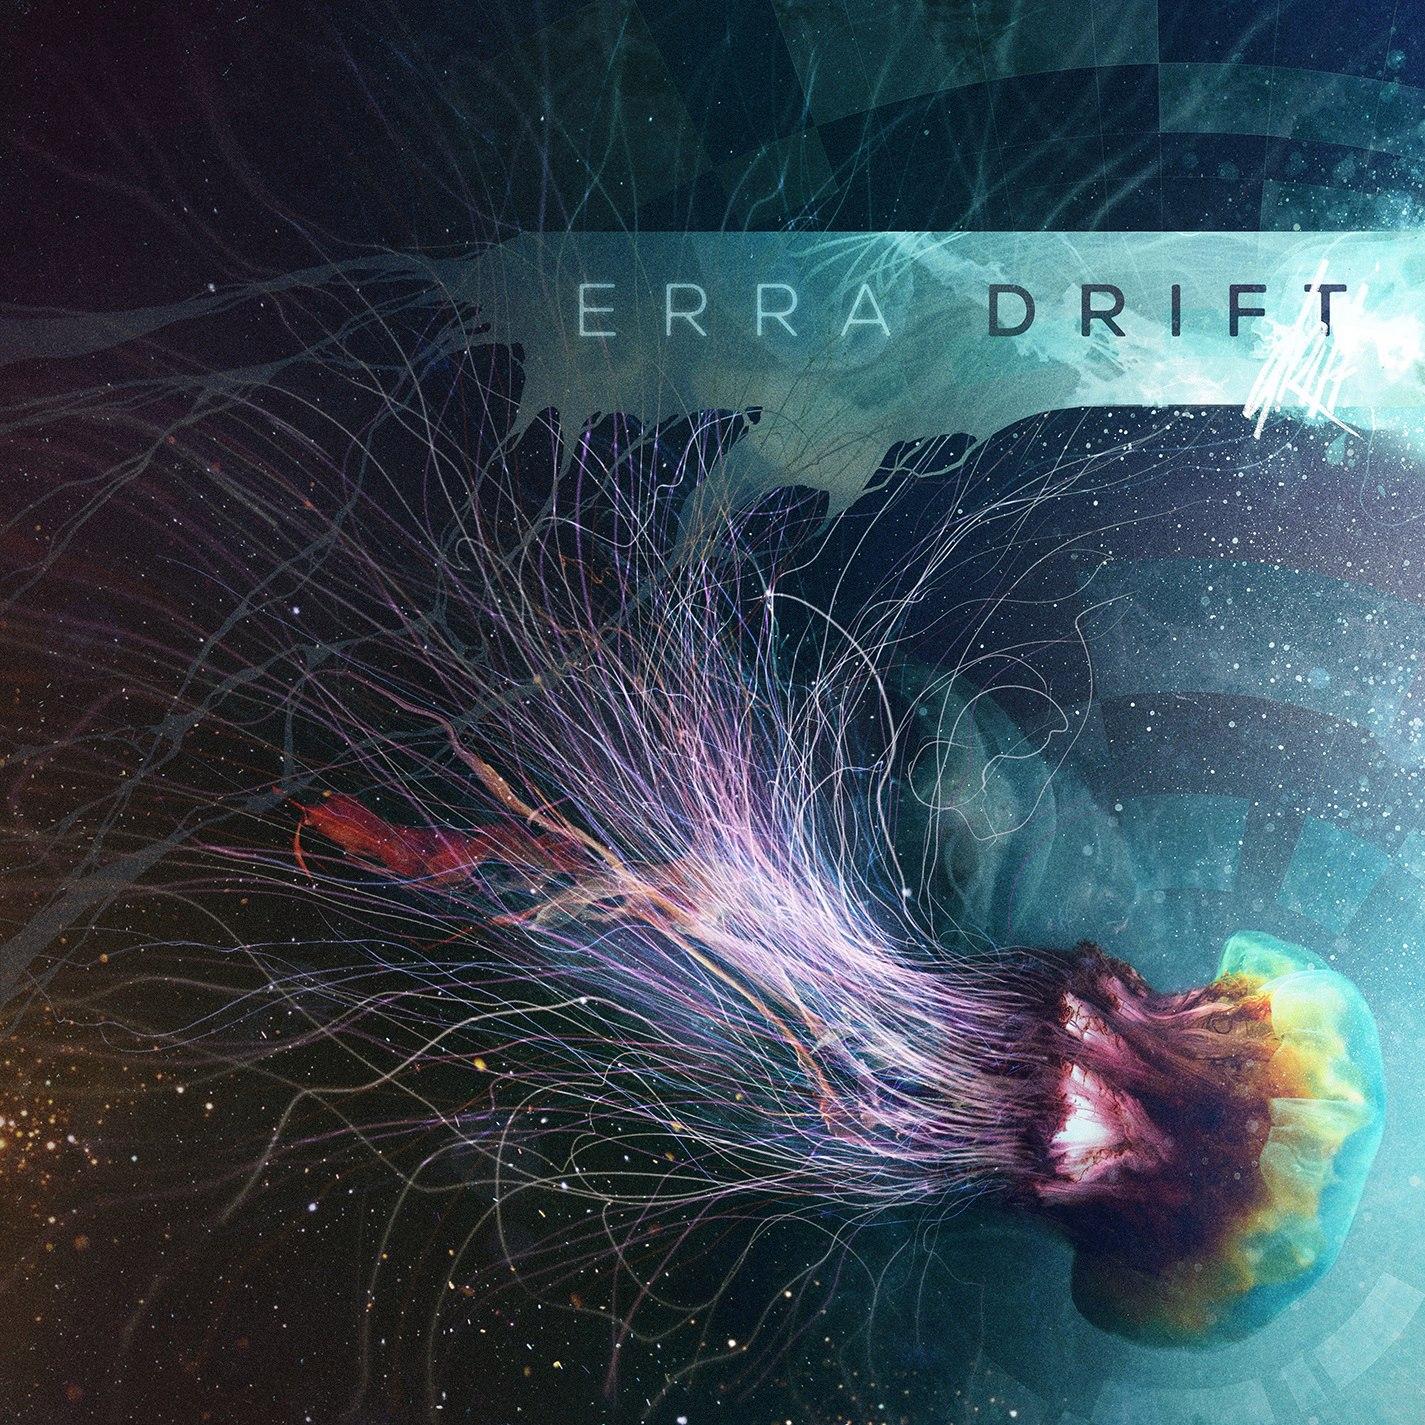 Erra - Drift (2016)